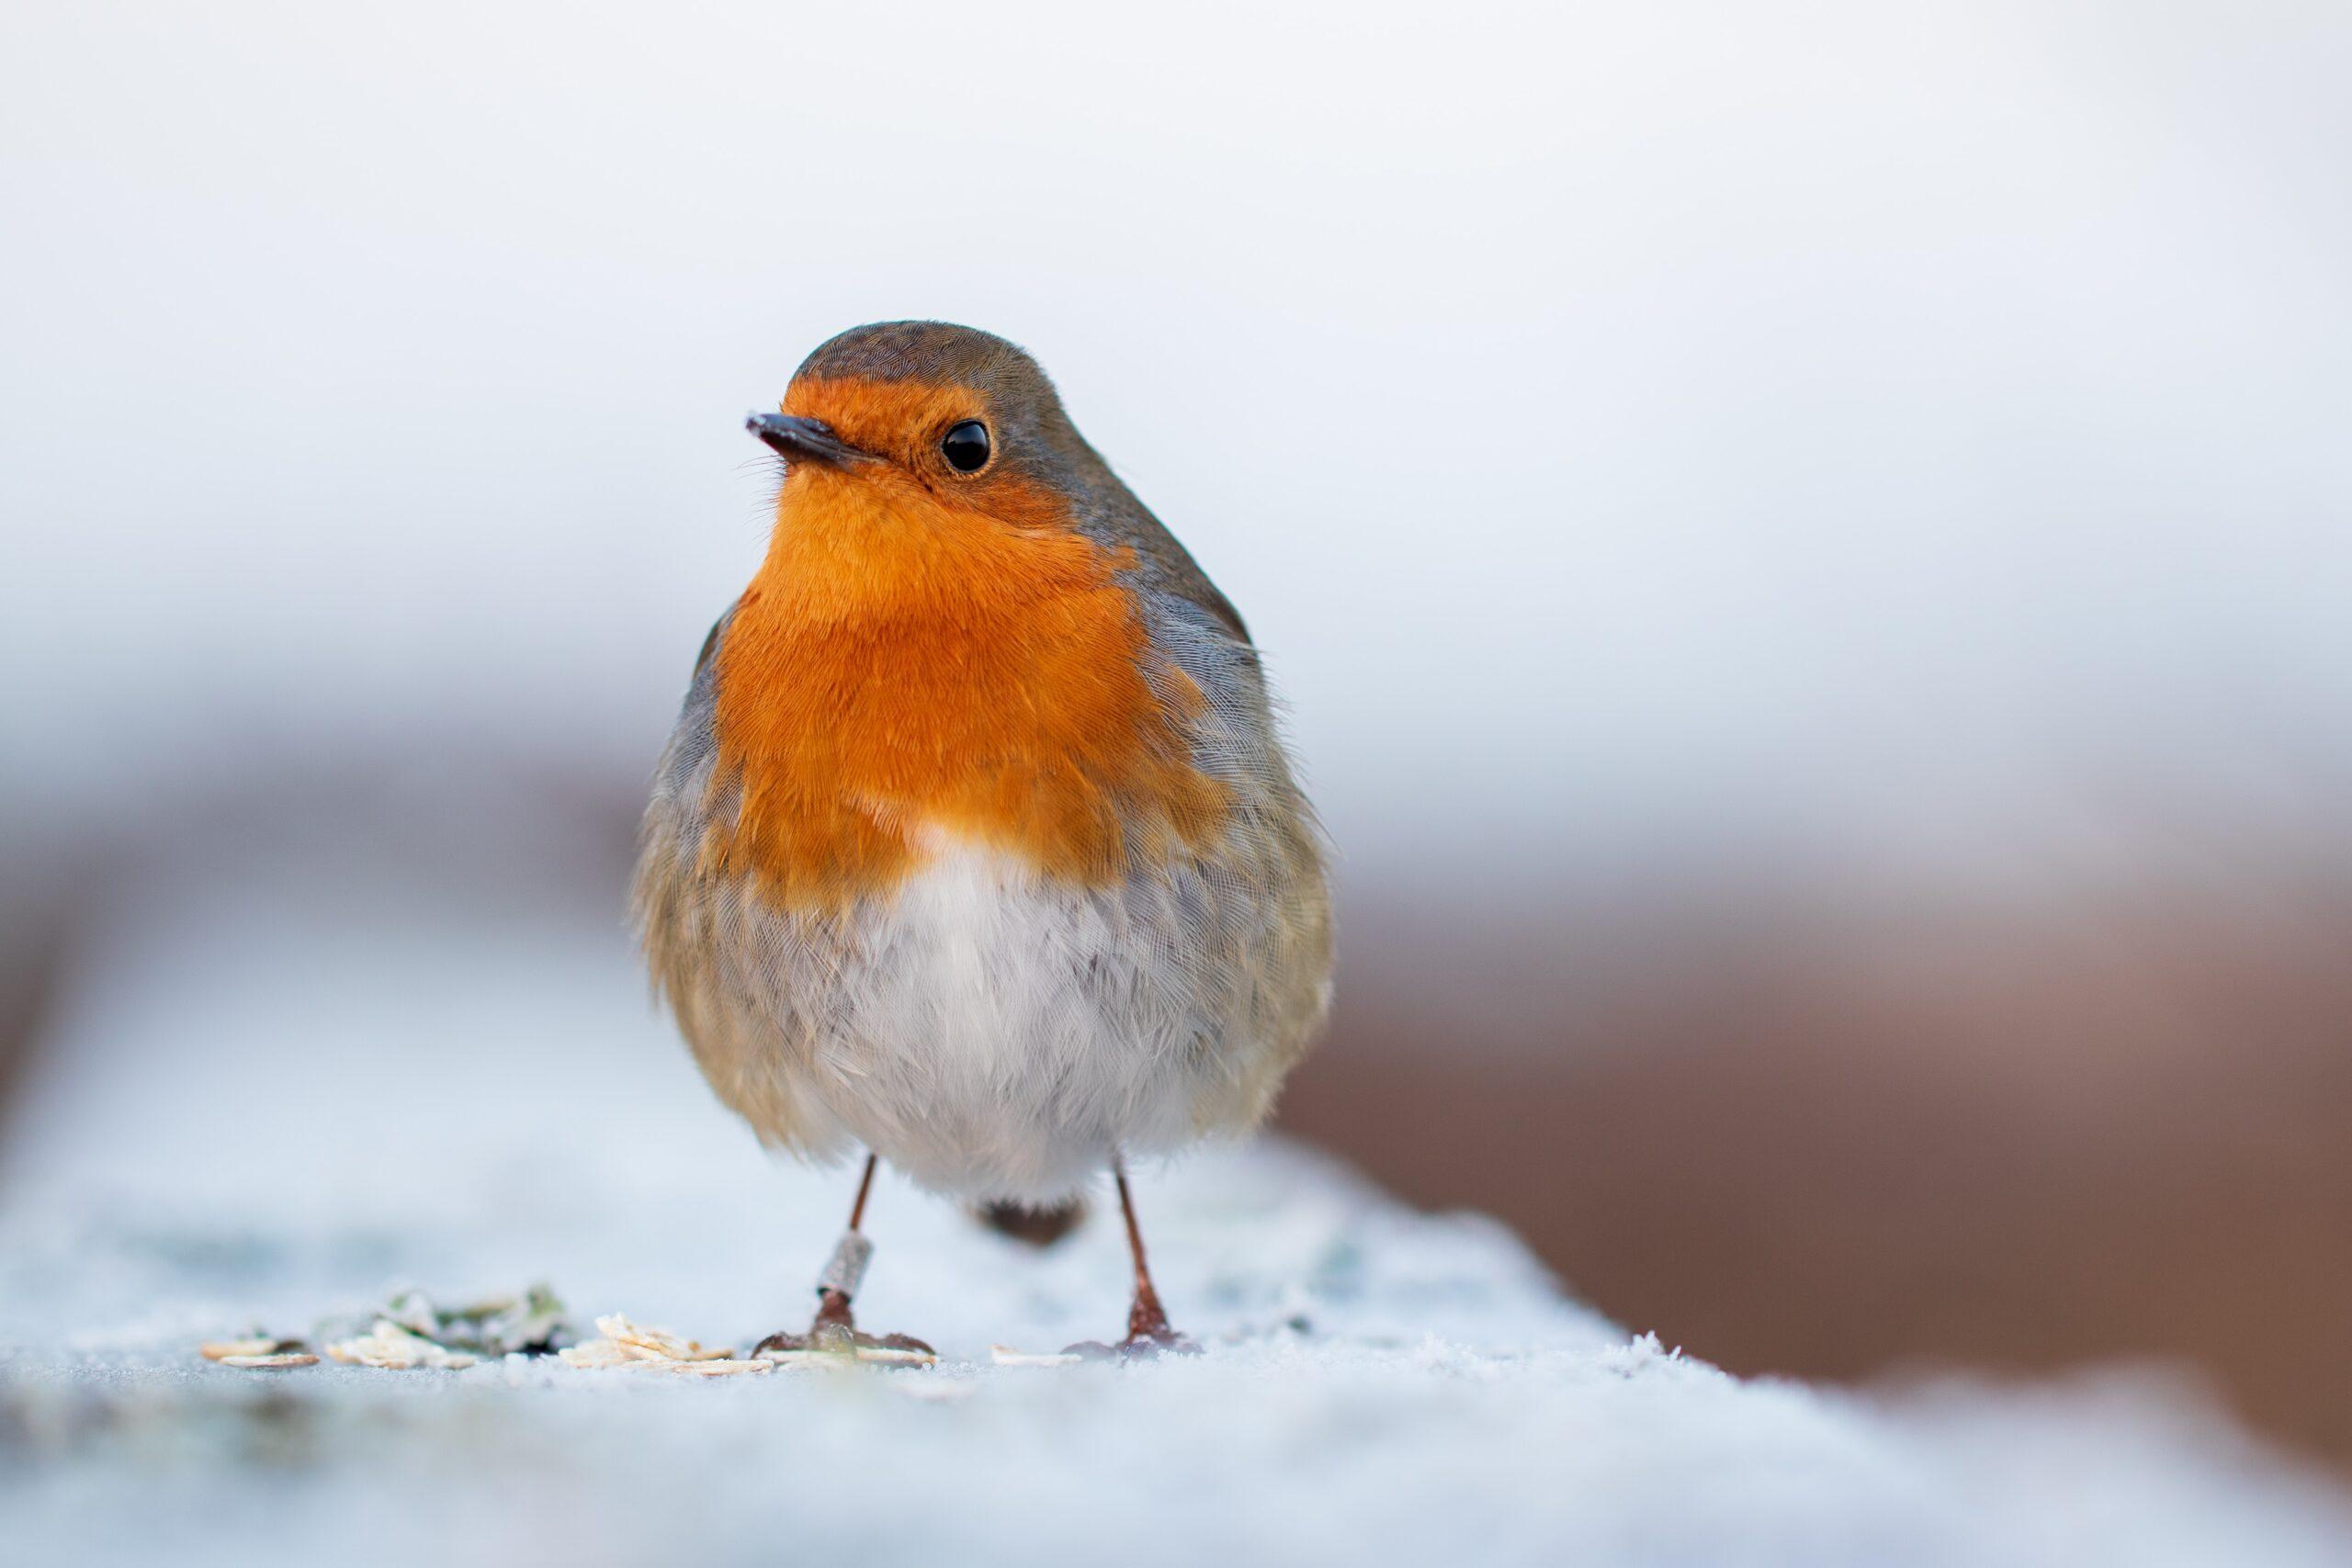 pete-godfrey-Orange breasted bird full chested_o-unsplash